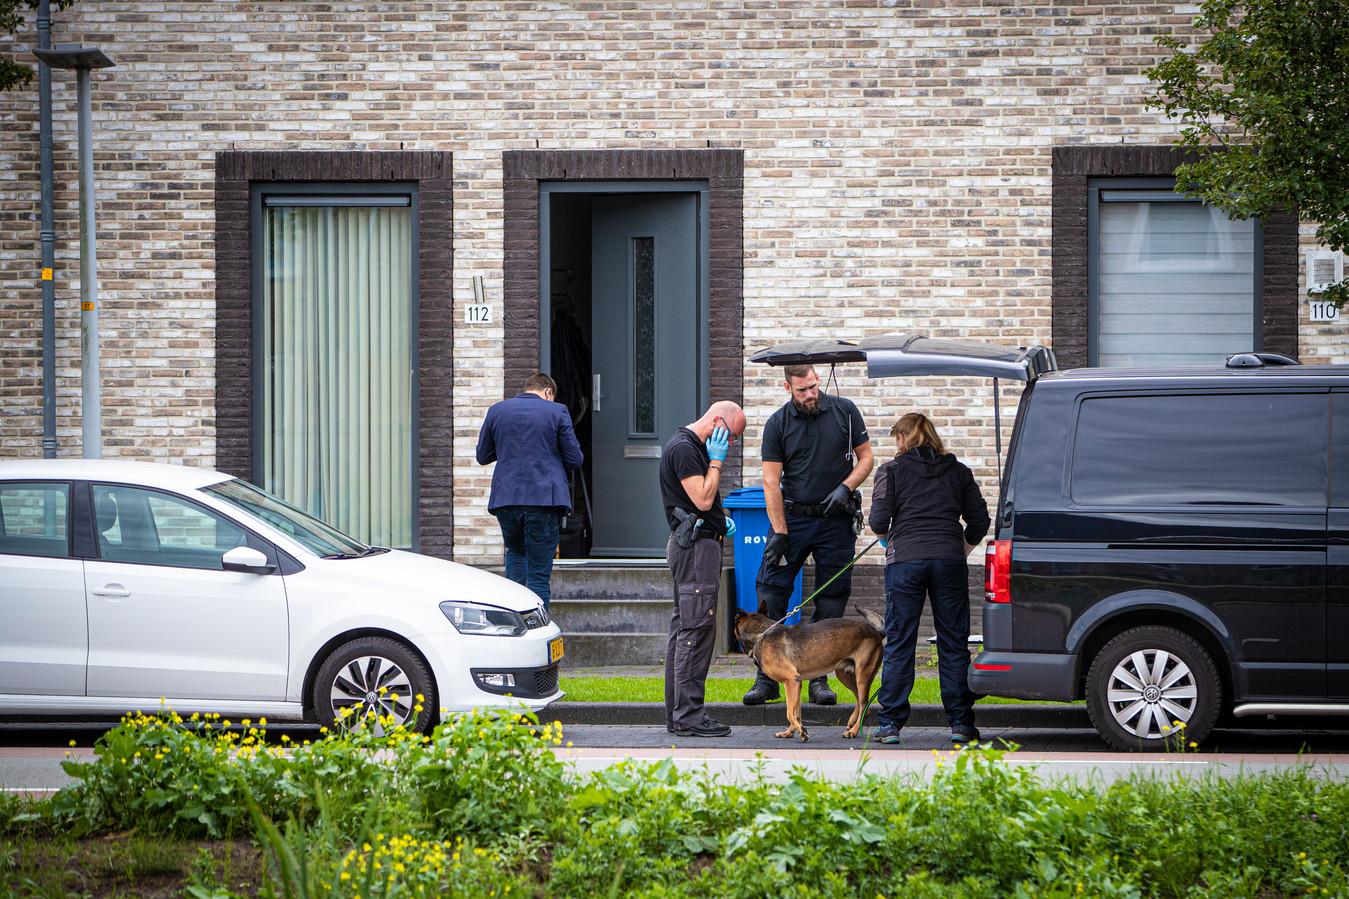 De politie doorzocht bij de grote politie-actie eind augustus een woning aan de Jac P. Thijsselaan waar een van de hoofdverdachten woont, en gebruikte daarbij onder meer speurhonden.